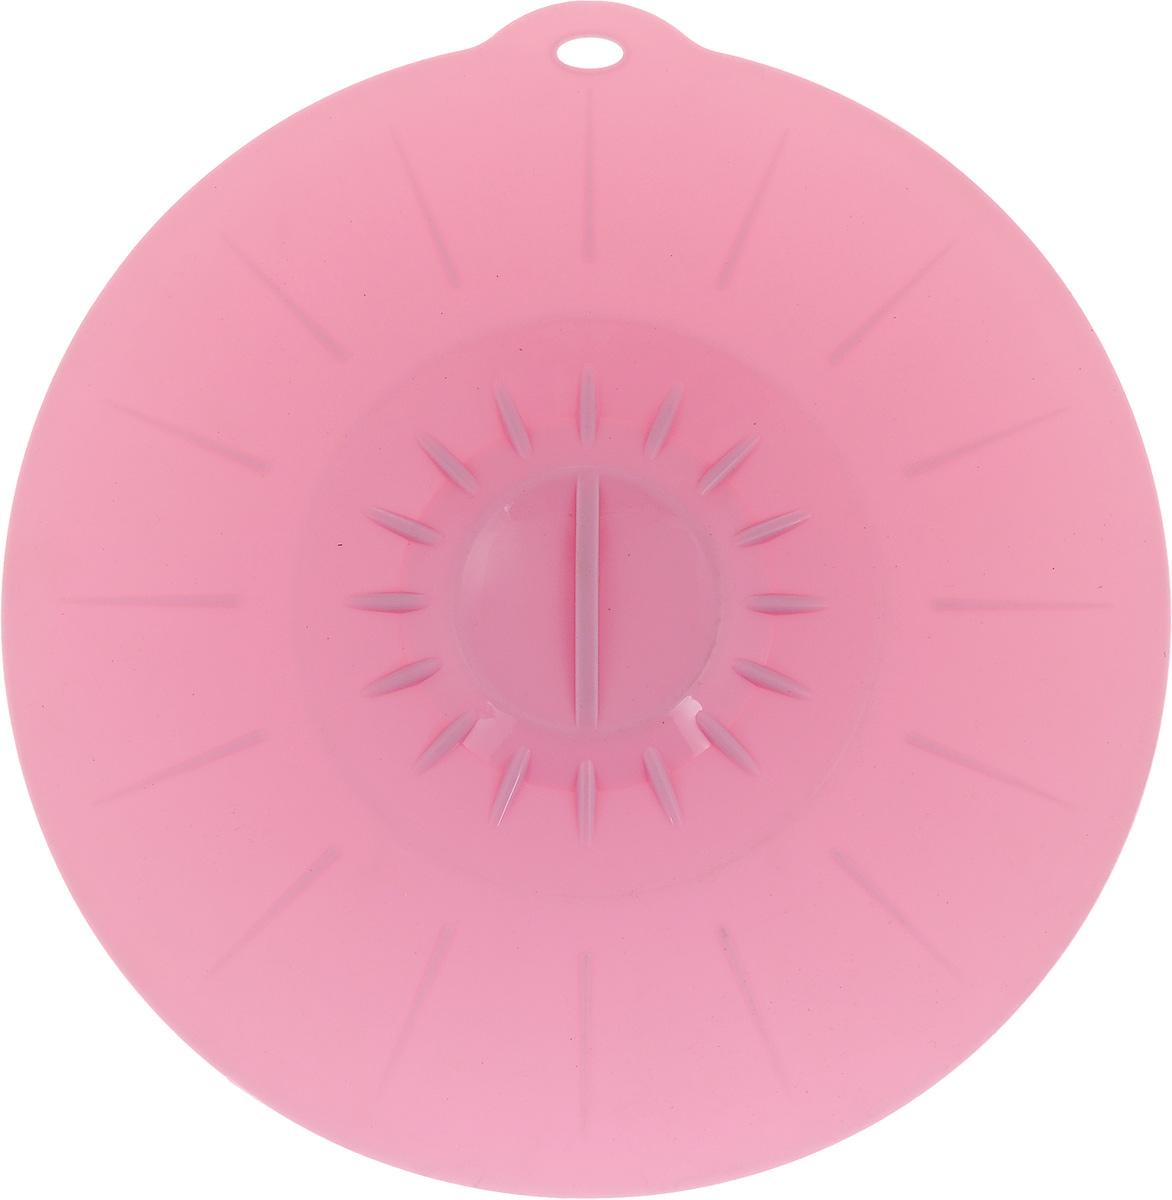 Крышка вакуумная Идея, силиконовая, цвет: розовый. Диаметр 26 смKRY-26_розовыйВакуумная крышка Идея, выполненная из пищевого силикона, предназначена для герметичного закрытия любой посуды. Крышка плотно прилегает к краям емкости, ограничивая доступ воздуха внутрь, благодаря этому ваши продукты останутся свежими гораздо дольше. Основные свойства: - выдерживает температуру от -40°С до +240°С, - невозможно разбить, - легко моется, - не деформируется при хранении в свернутом виде, - имеет долгий срок службы, сохраняя свой первоначальный вид, - не выделяет вредных веществ при нагревании или охлаждении, - не впитывает запахи, - не вступает в химическую реакцию с продуктами, - безопасна при использовании в микроволновой печи, в духовке и морозильной камере.Такая крышка станет незаменимым помощником на вашей кухне.